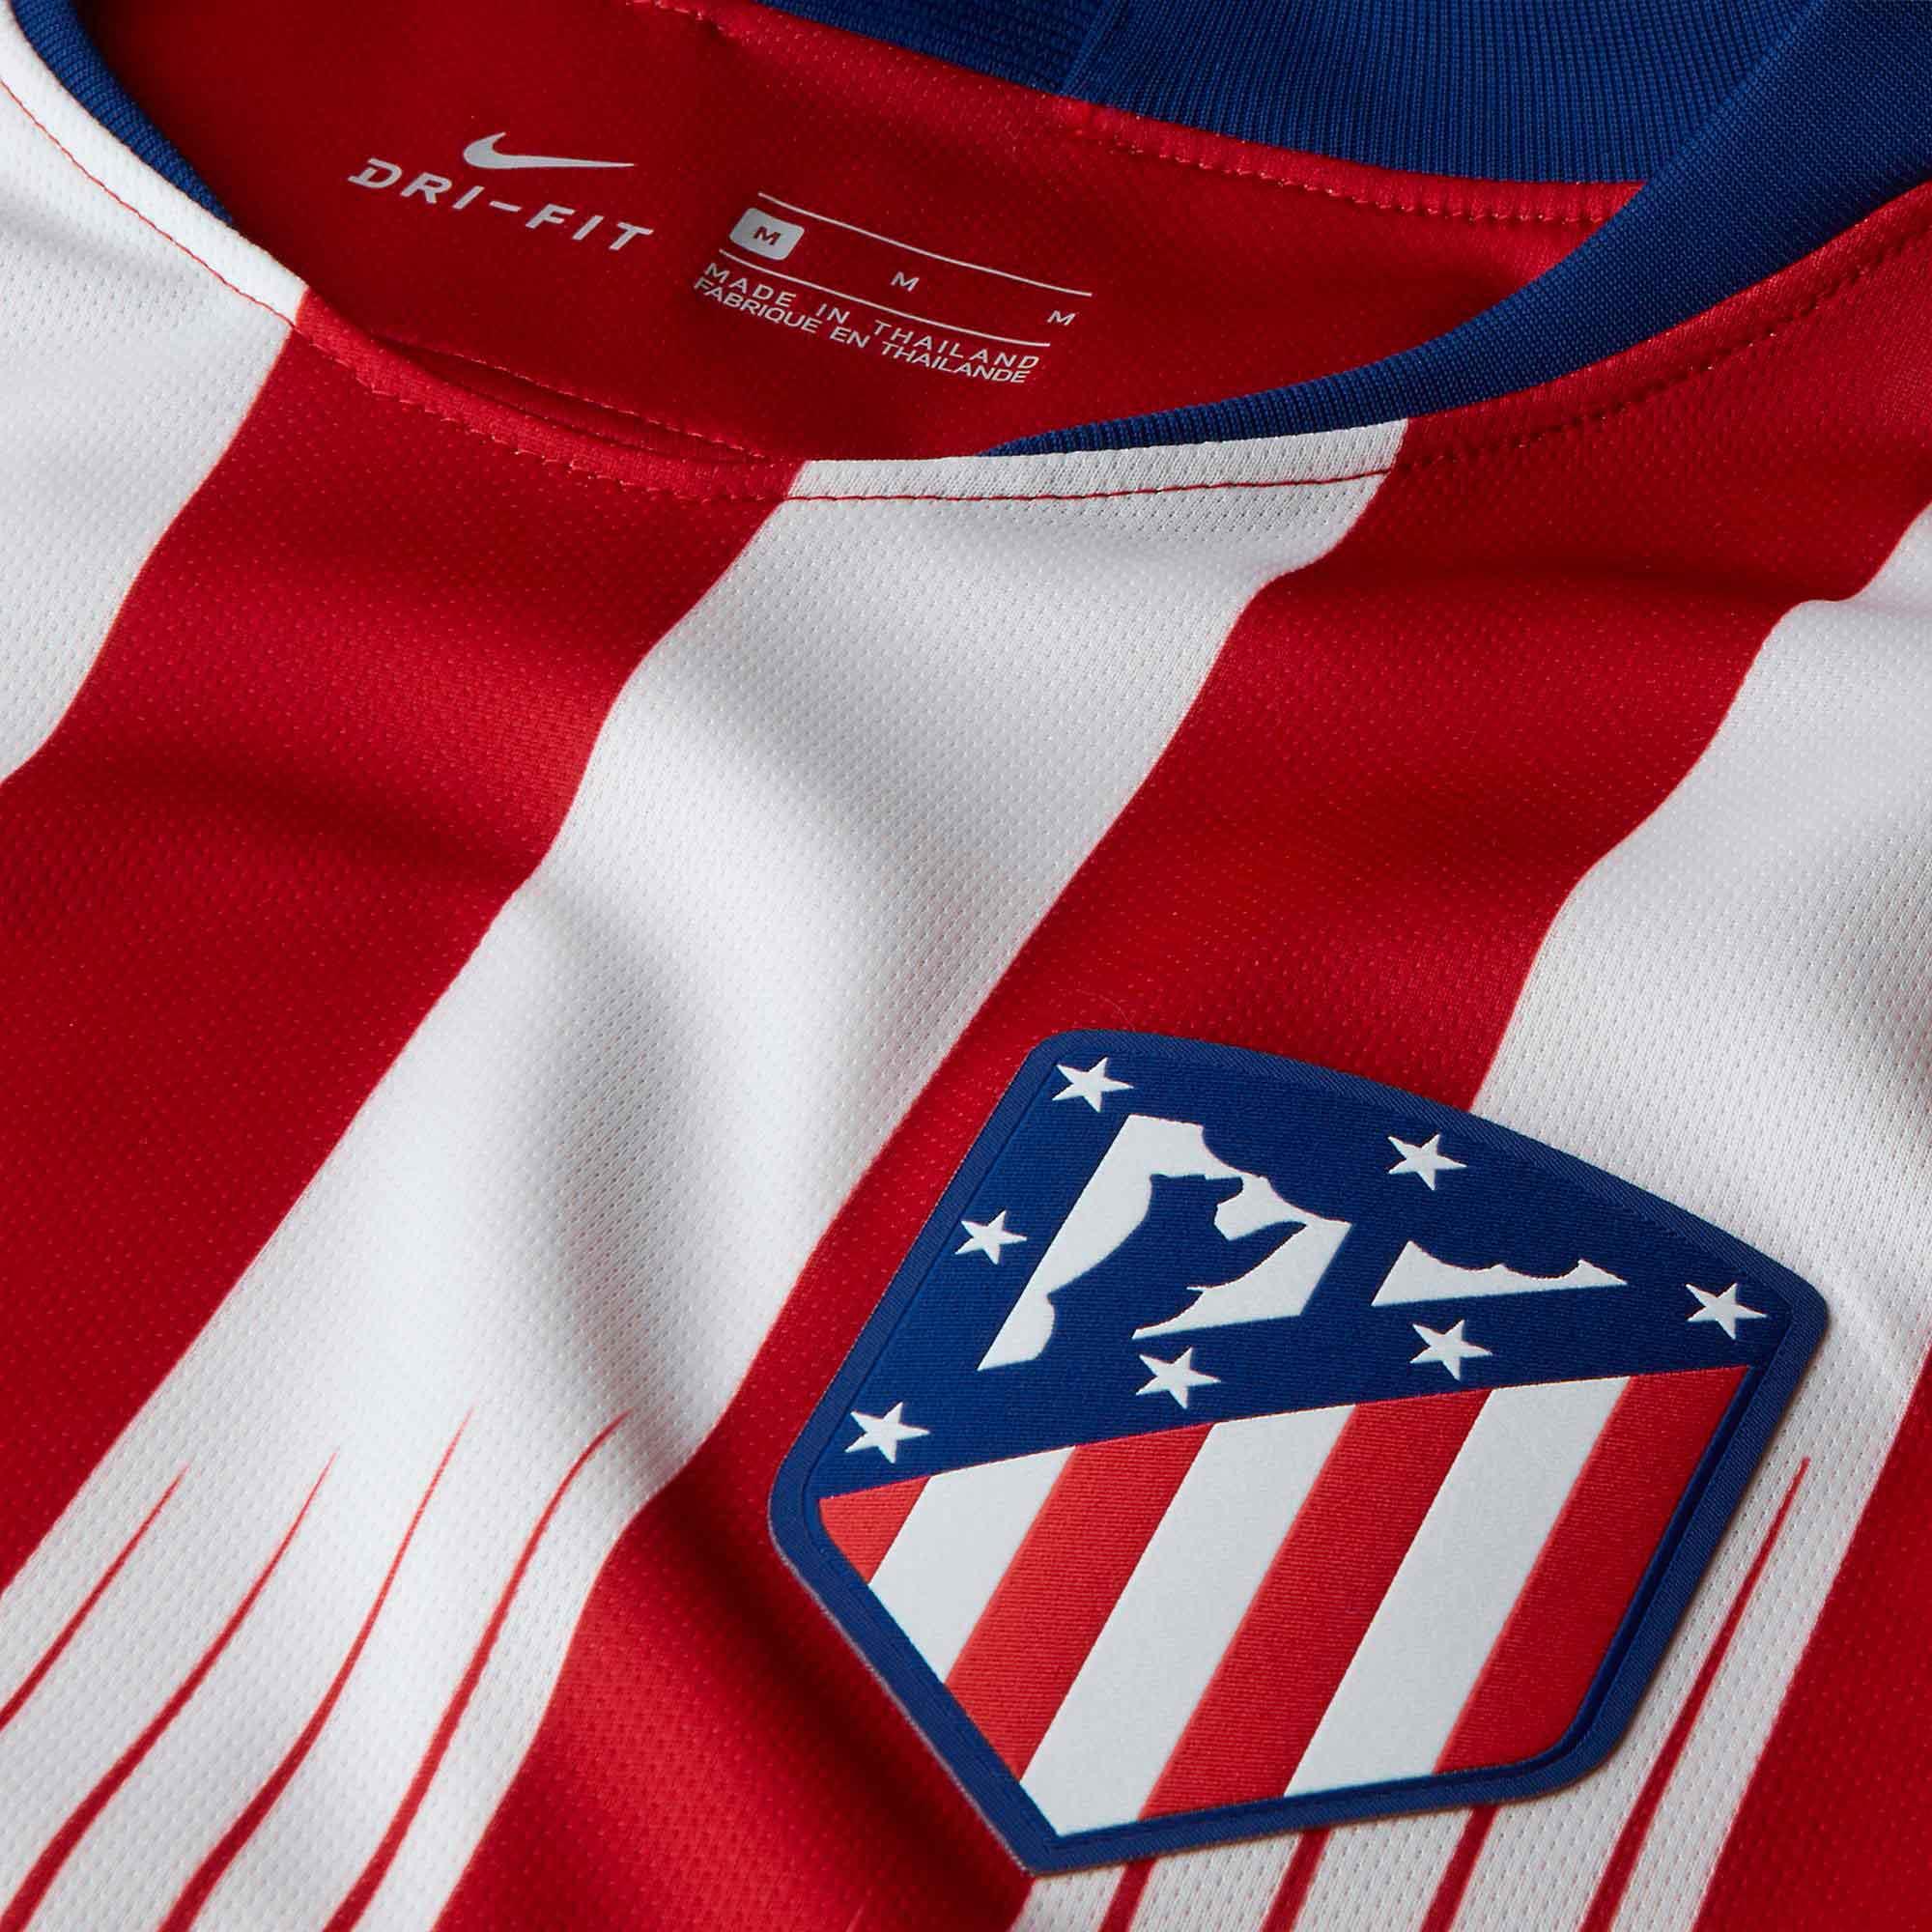 Camisa Atlético de Madrid Home Nike 2018